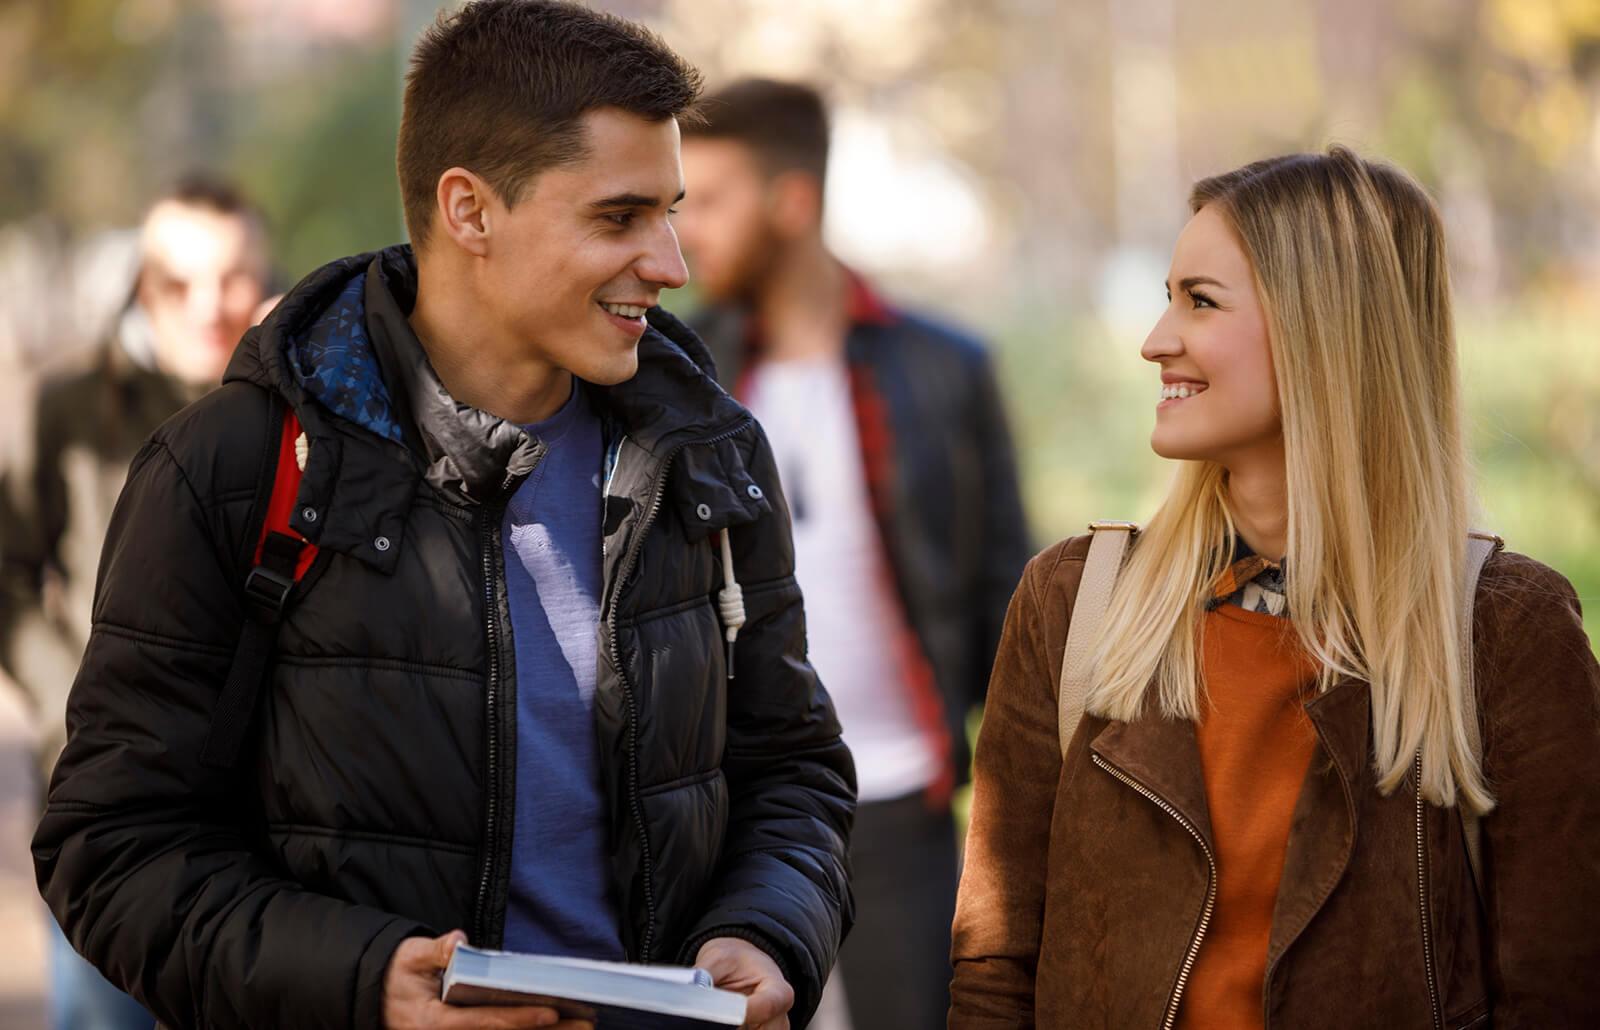 8 Flirting Techniques For Women